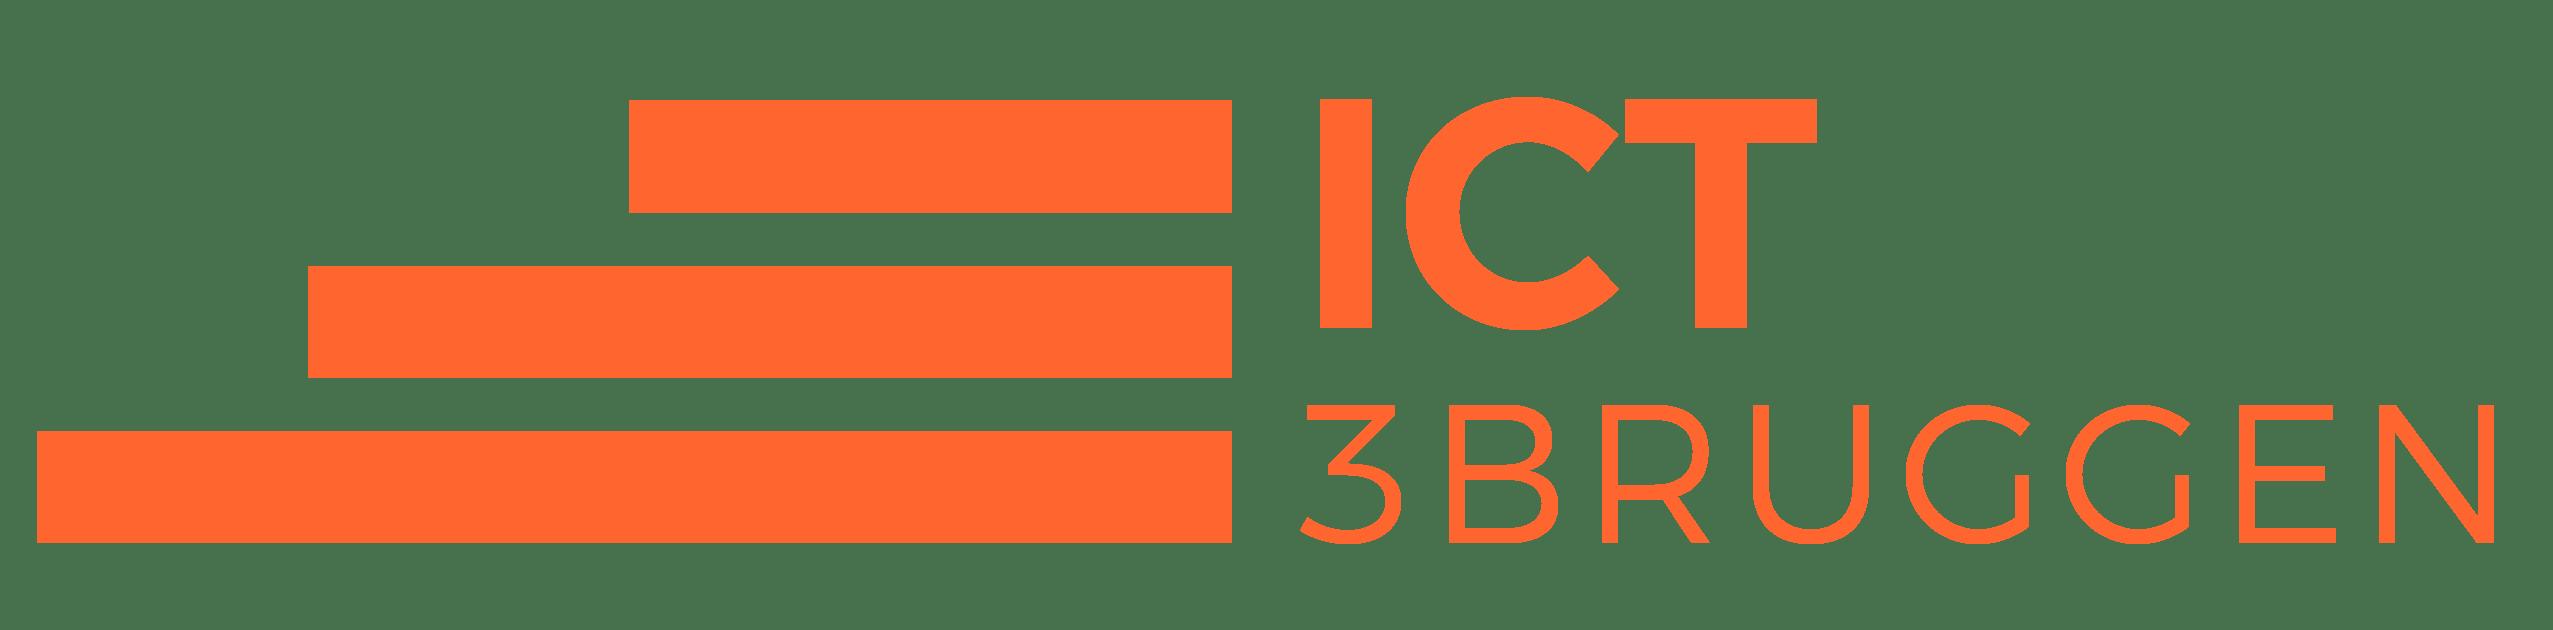 ict3bruggen